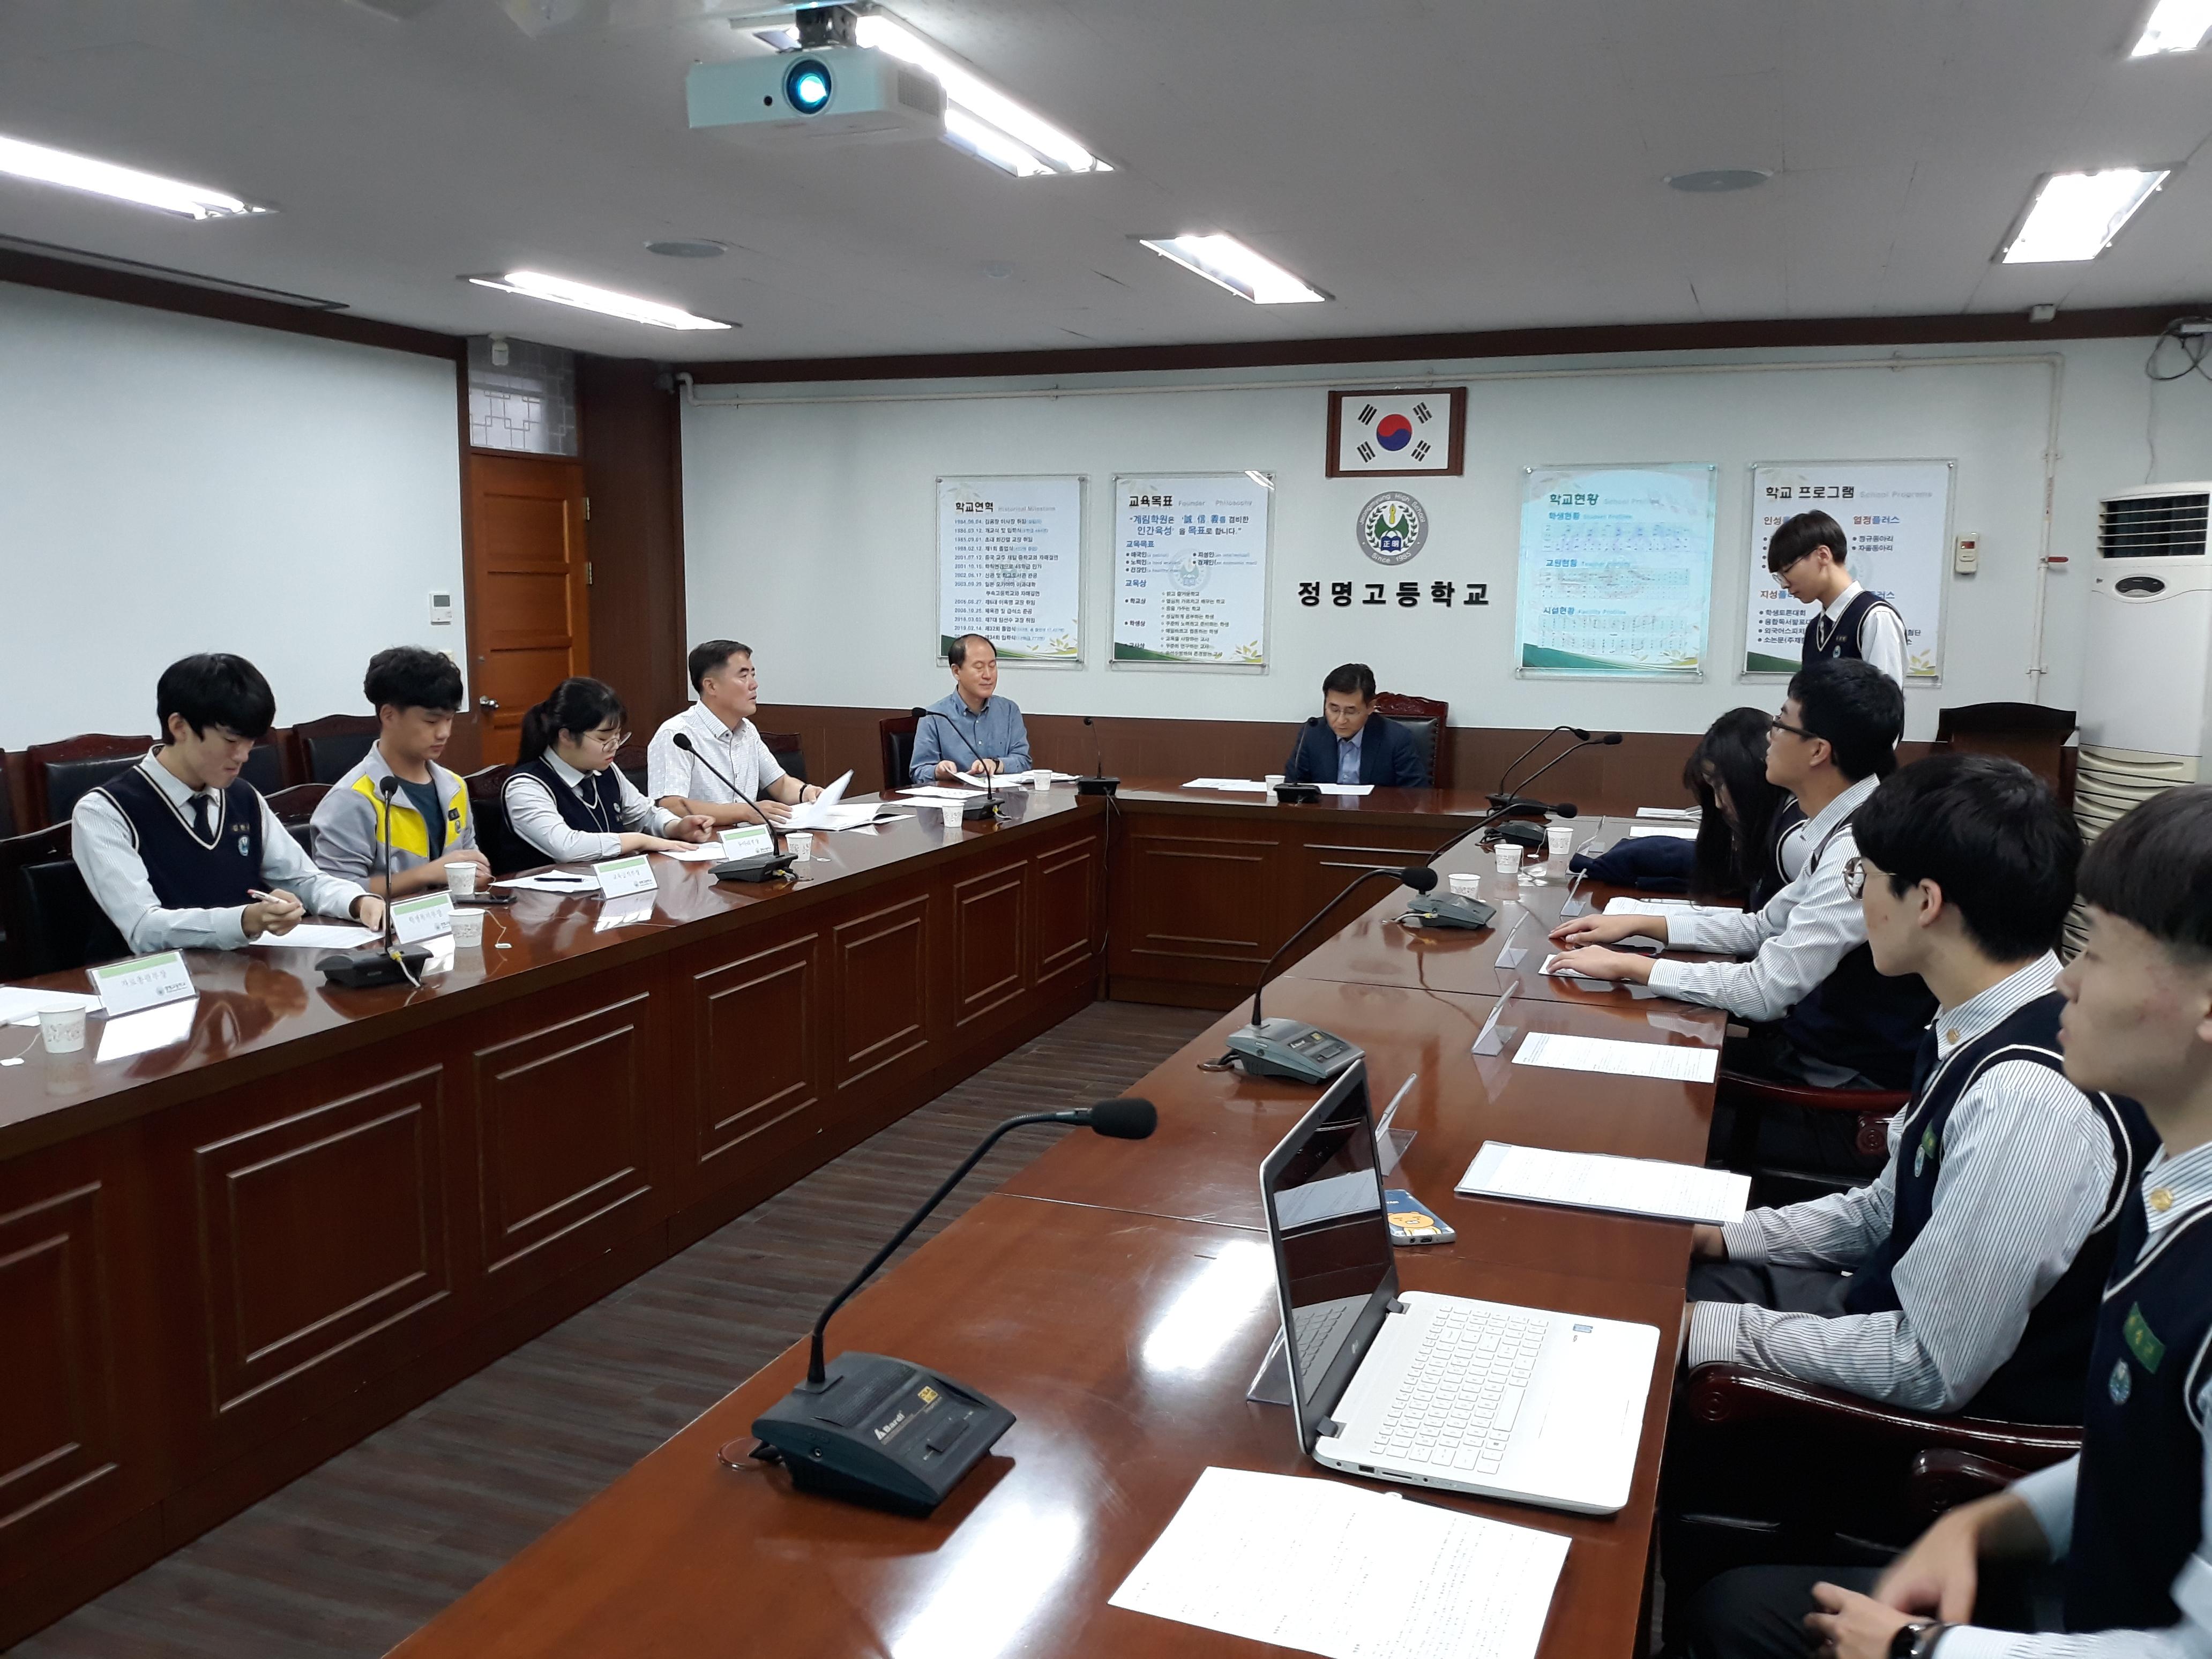 제2회 학교장 및 학생대표 간 간담회(2019.09.26)